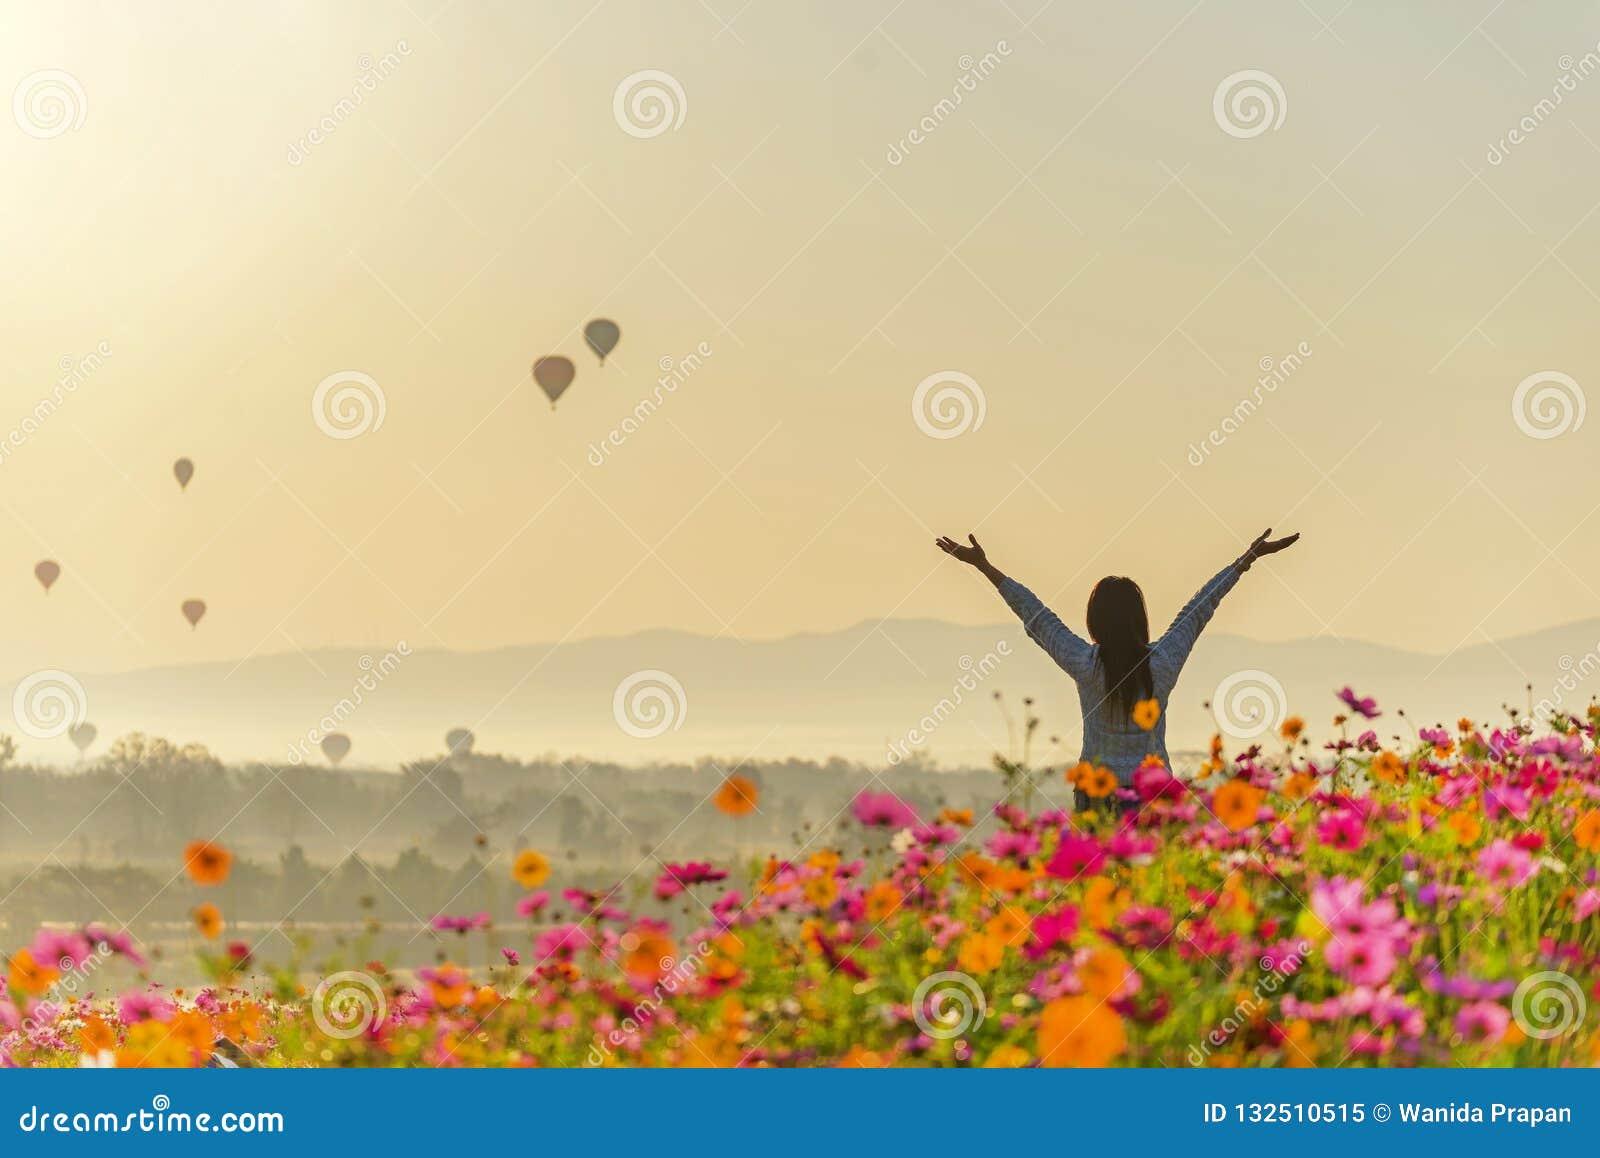 Женщины путешественника образа жизни поднимают чувство руки хорошее ослабляют и счастливая свобода и видят воздушный шар огня